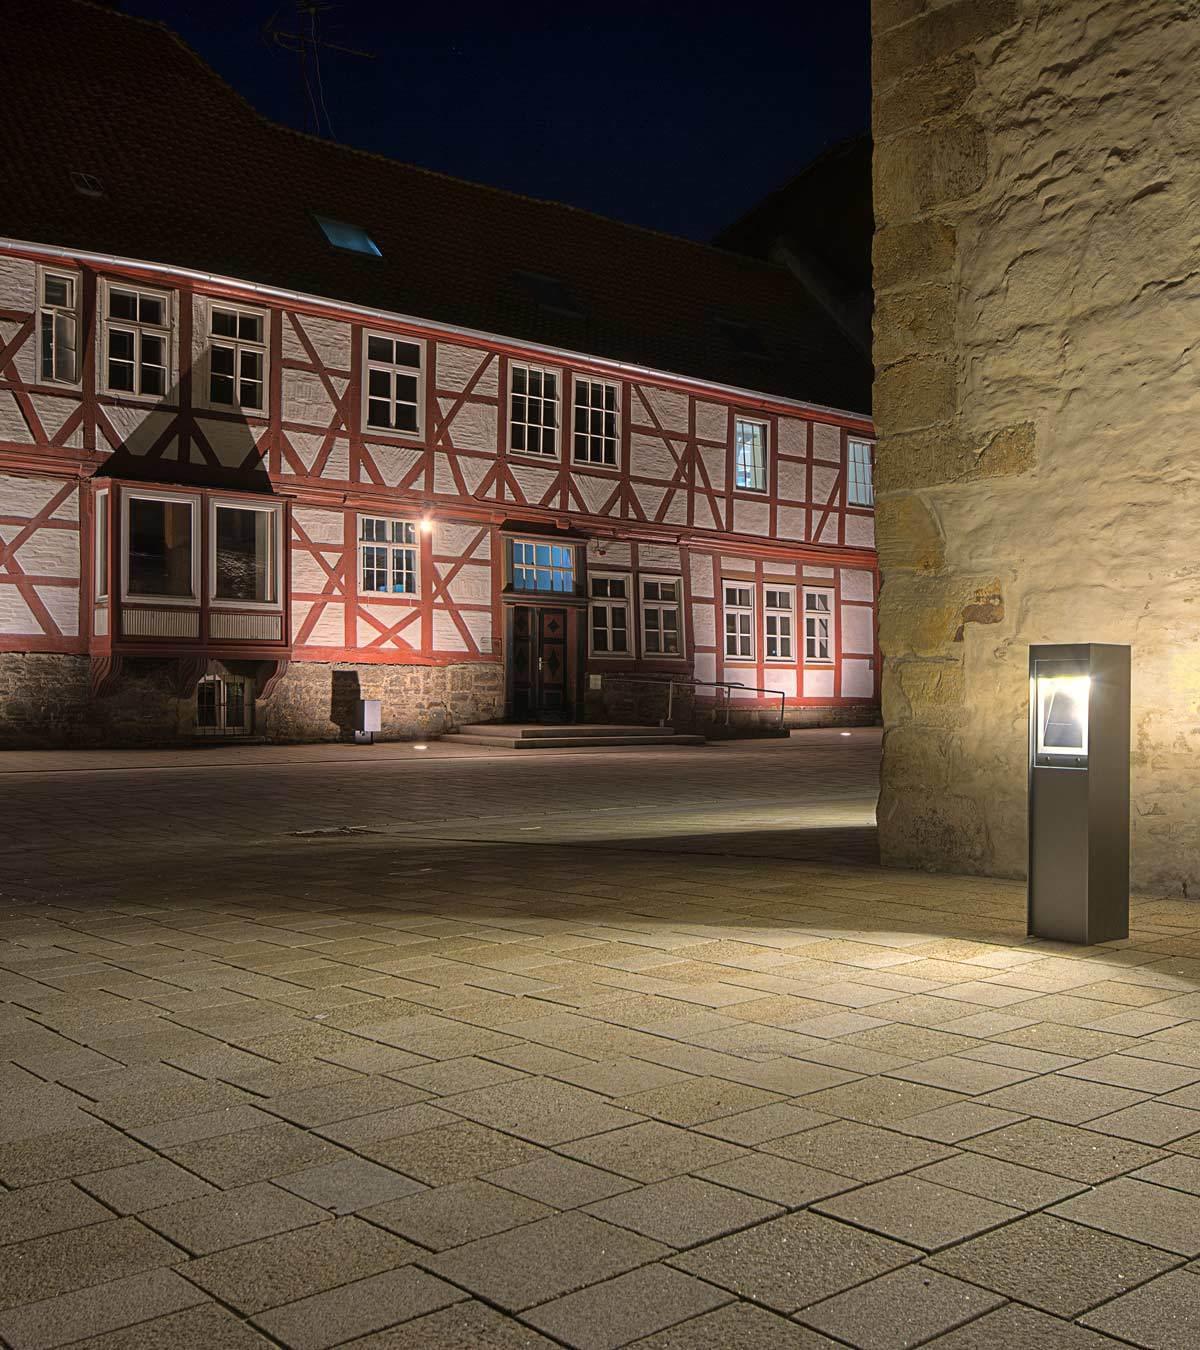 unsere projekte kulturcampus dom ne marienburg hildesheim deutschland linea light group. Black Bedroom Furniture Sets. Home Design Ideas